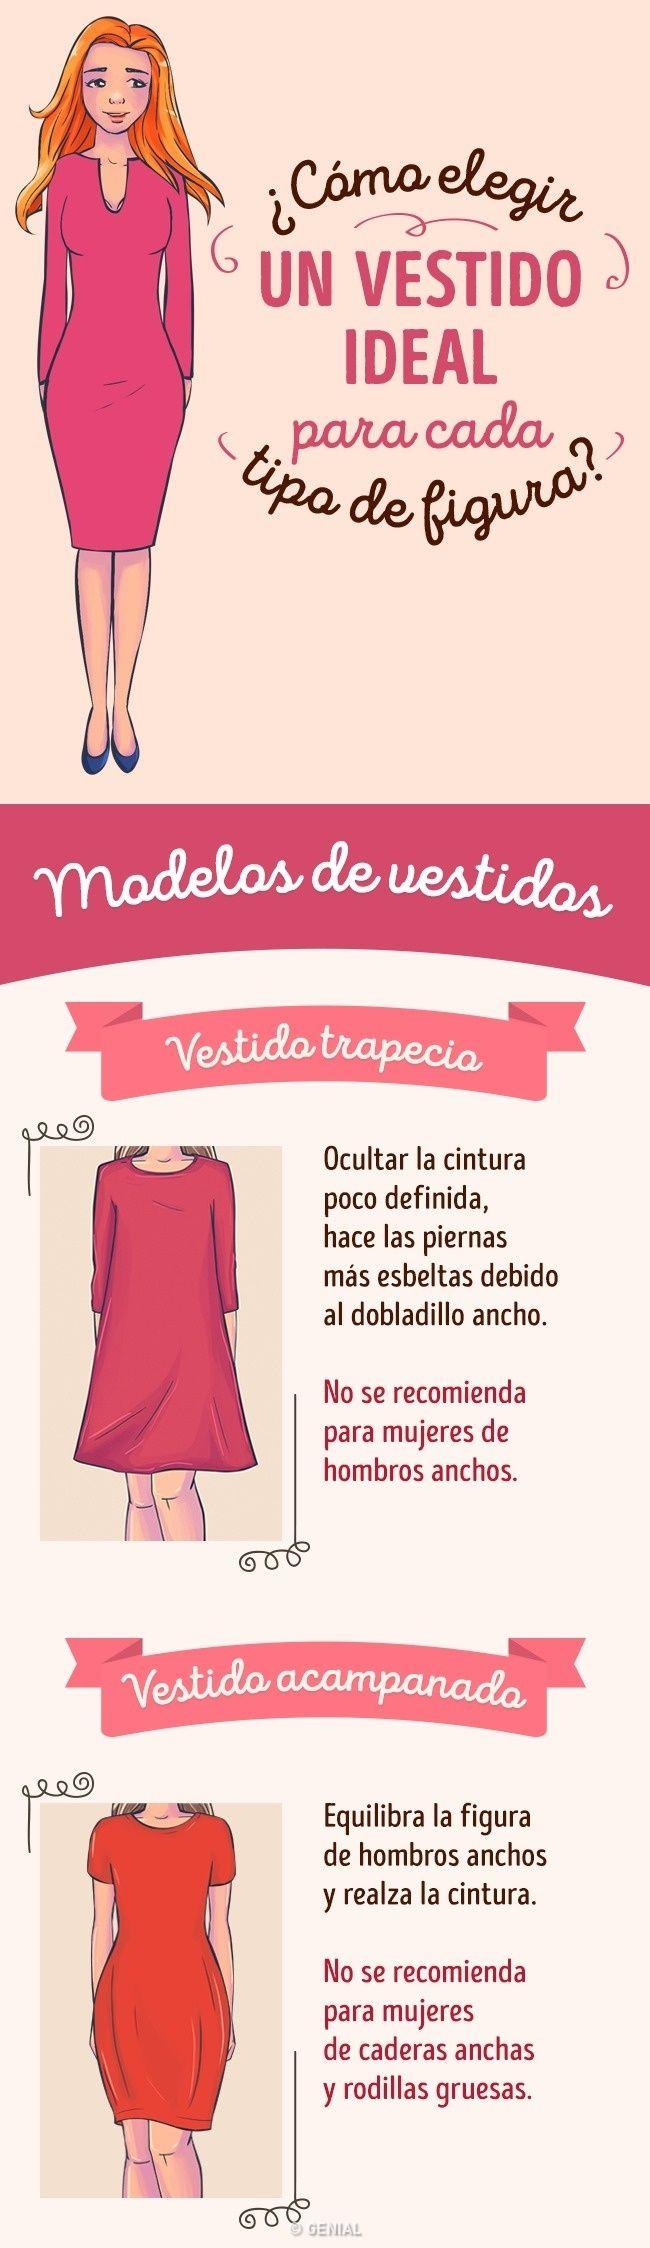 Cómo elegir el vestido ideal según tu tipo de figura | Los vestidos ...